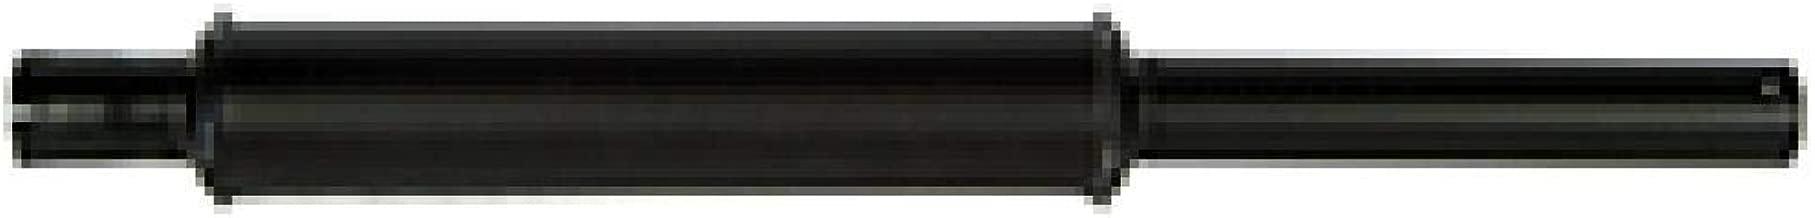 508825M94 New Massey Ferguson Muffler 20 30 31 32 40B 50 230 240 250 290